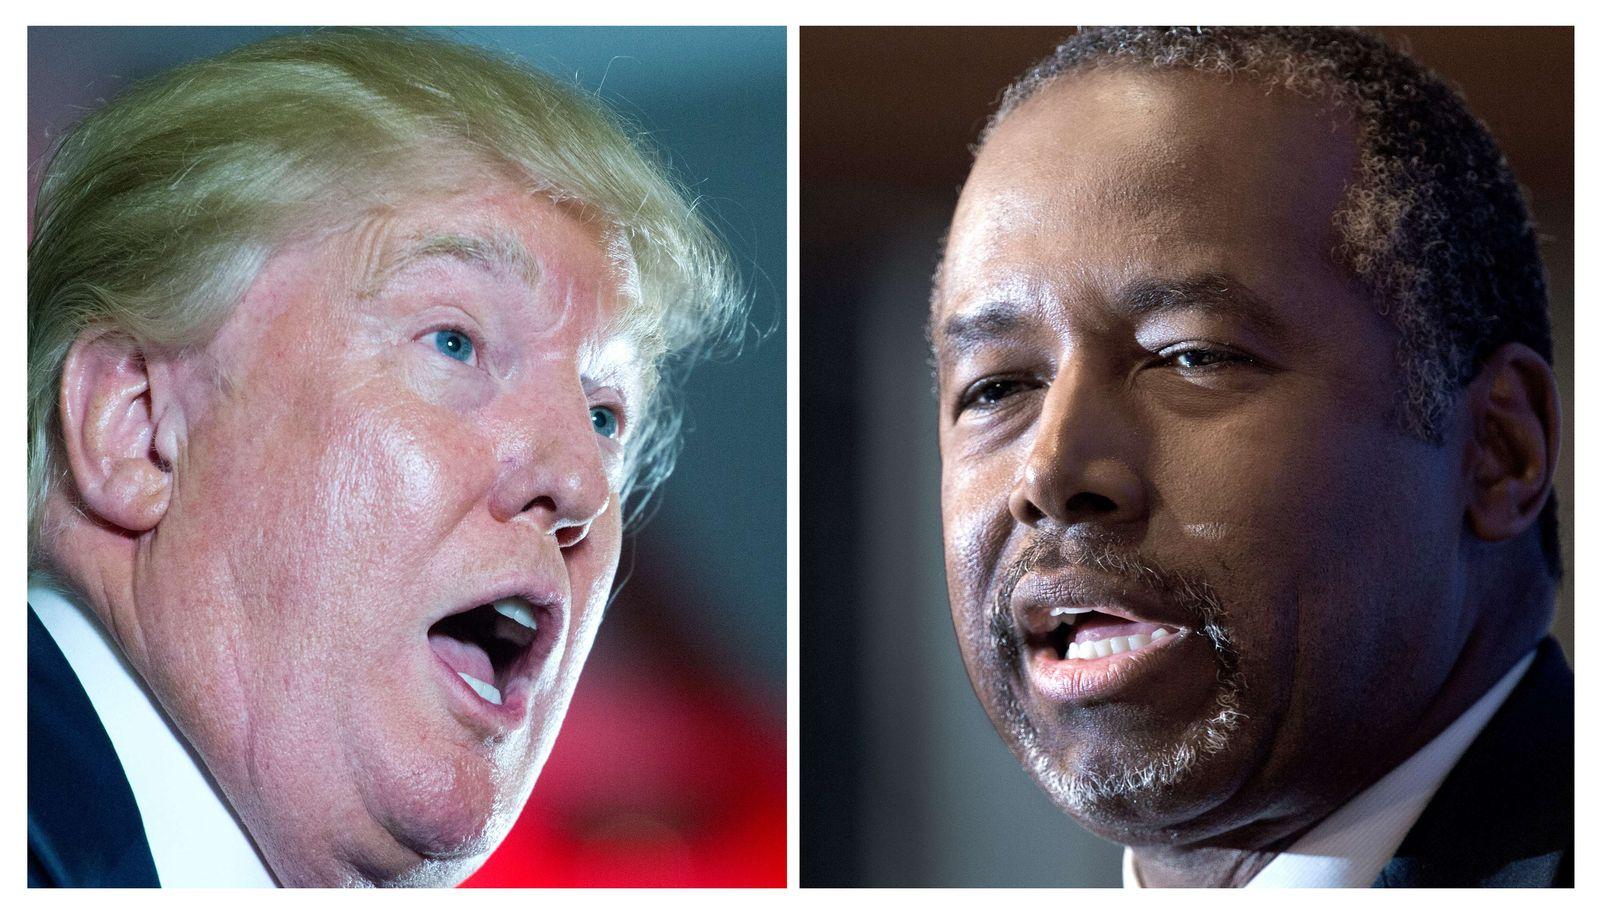 Trump / Carson